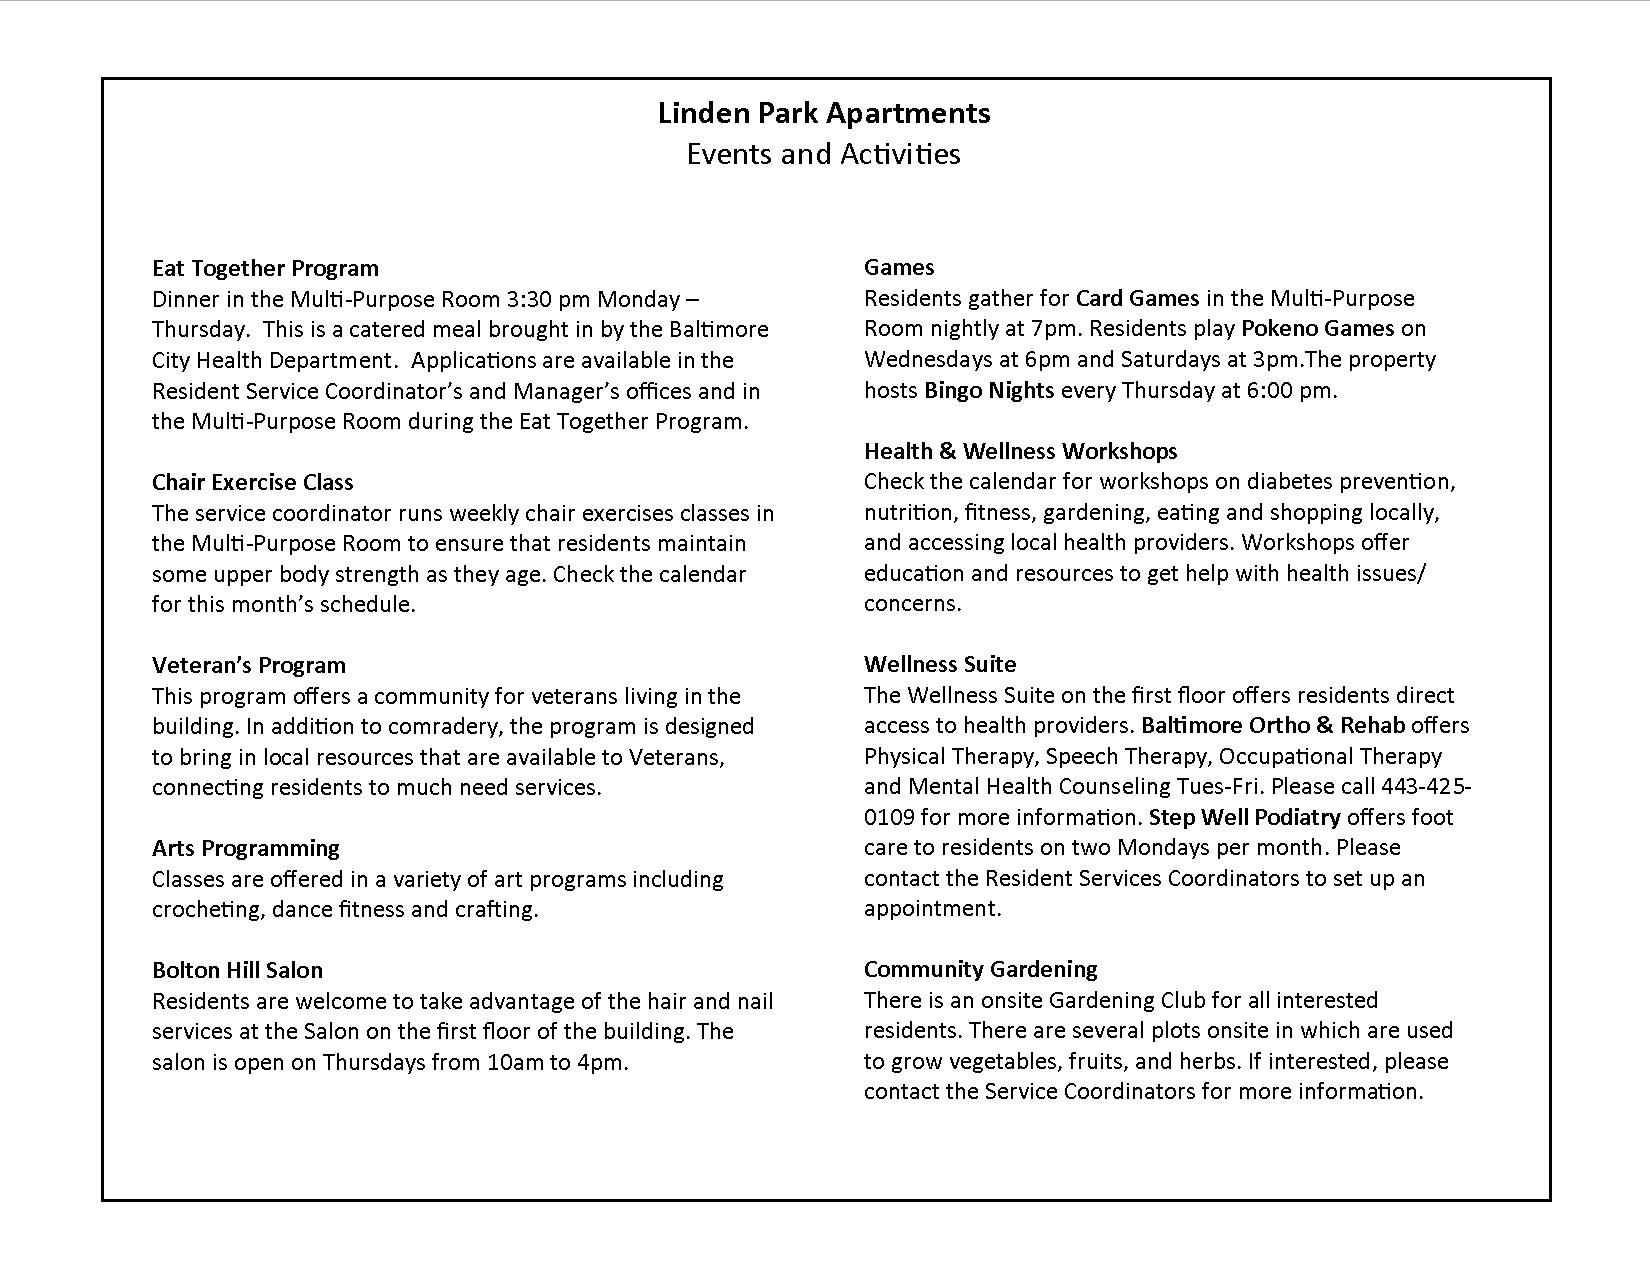 Linden Park Apartments Activity Calendar Page 2